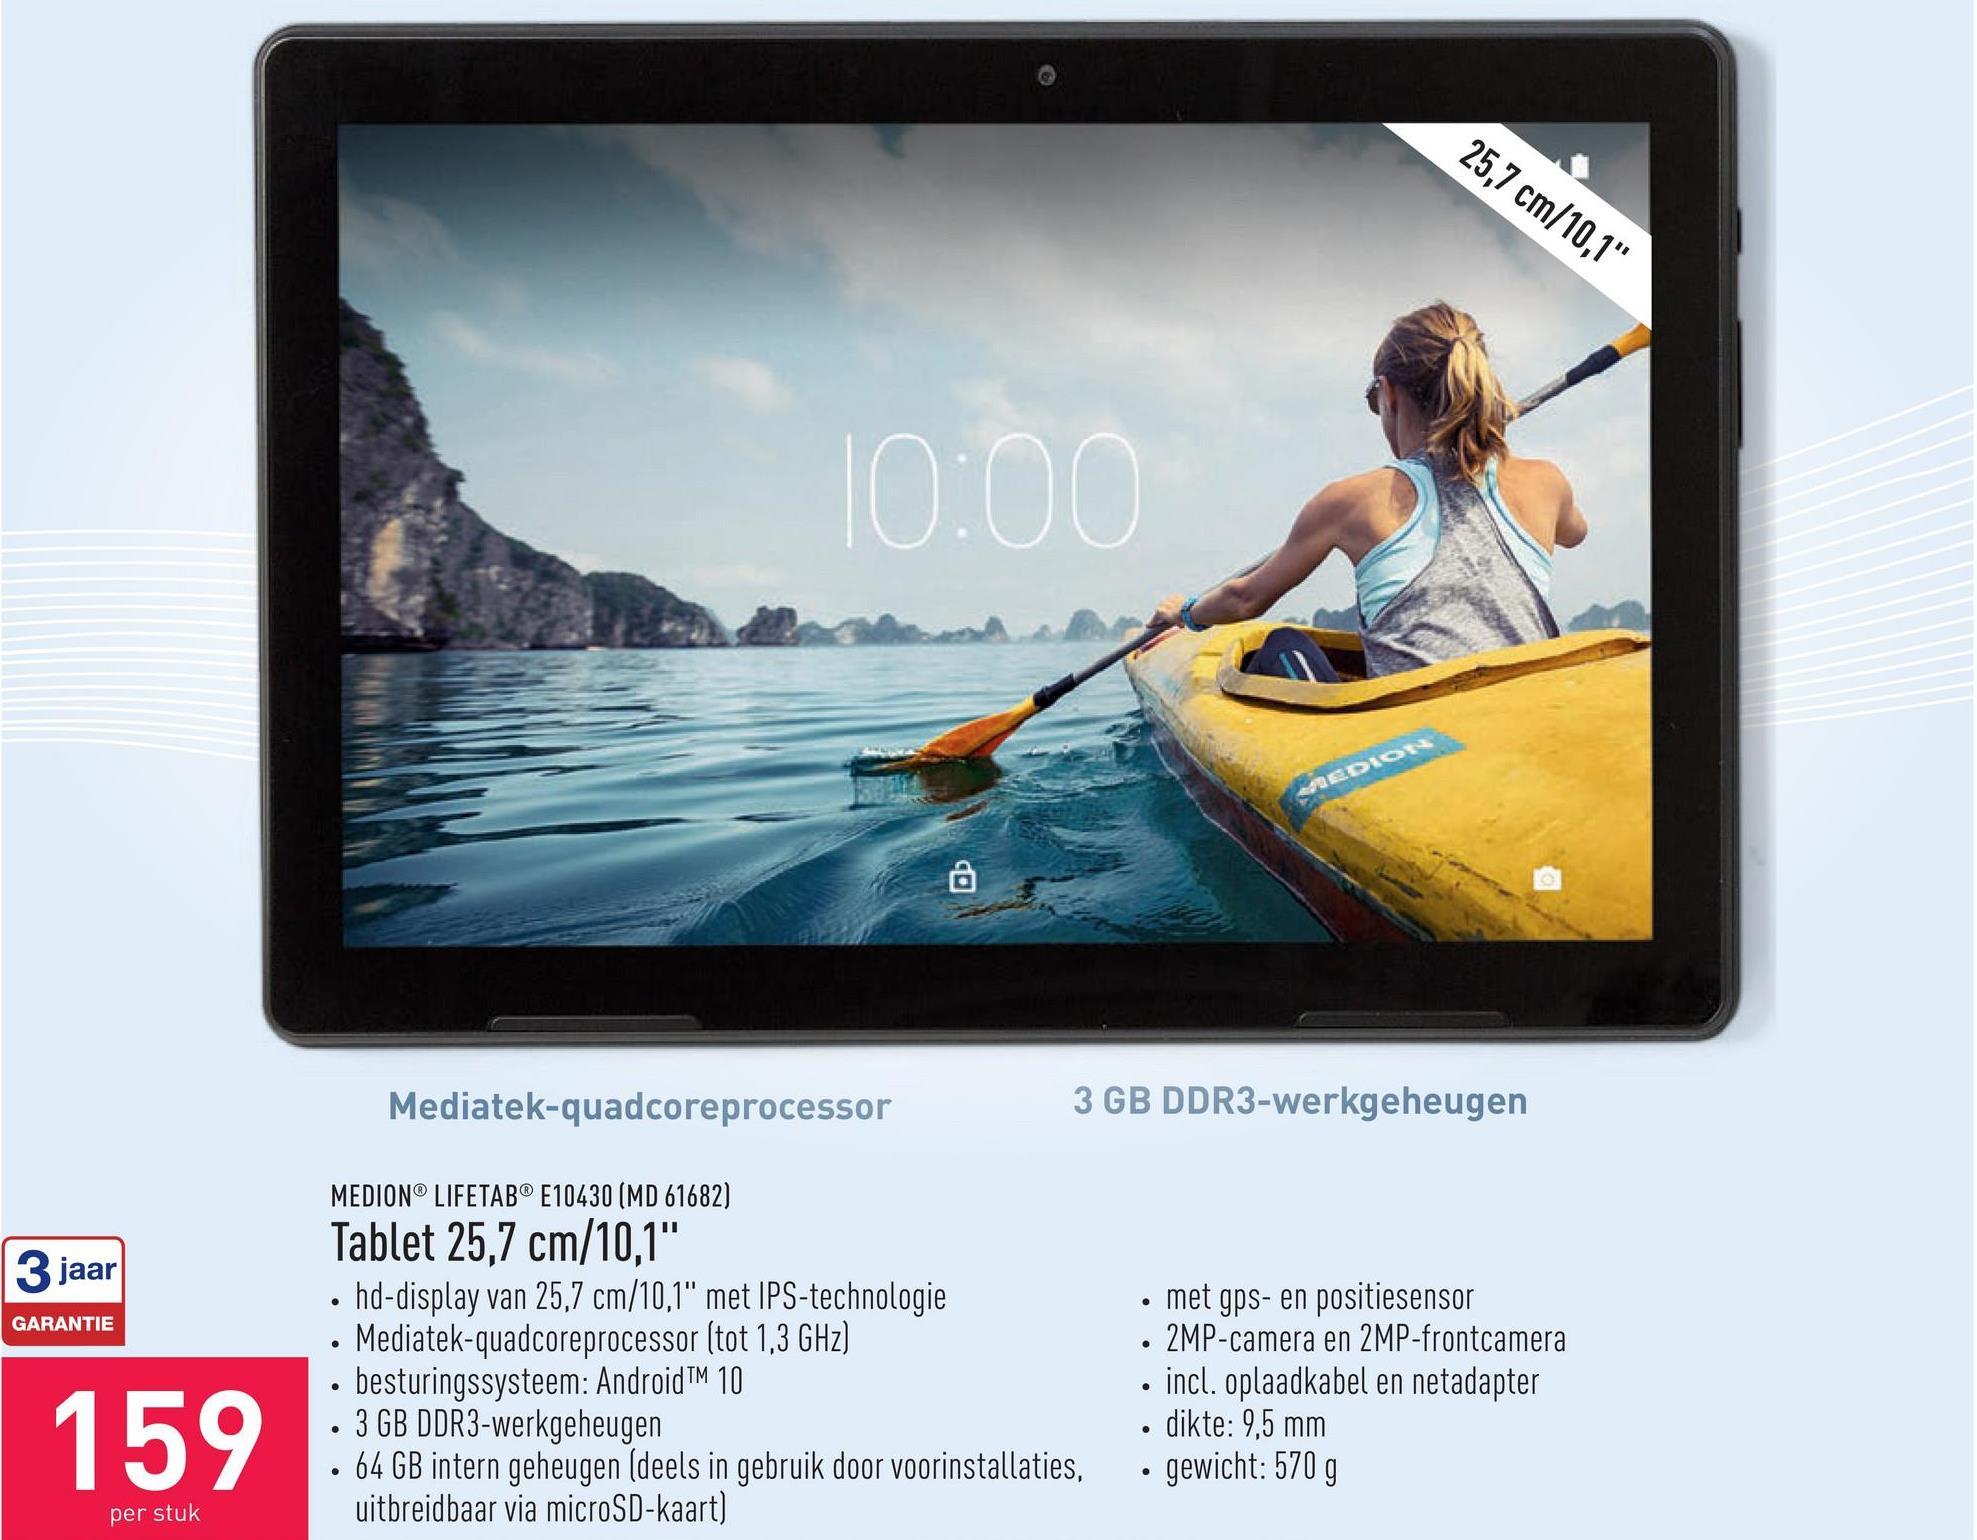 """Tablet 25,7 cm/10,1"""" hd-display van 25,7 cm/10,1"""" met IPS-technologieMediatek-quadcoreprocessor (tot 1,3 GHz)besturingssysteem: Android™ 103 GB DDR3-werkgeheugen64 GB intern geheugen (deels in gebruik door voorinstallaties, uitbreidbaar via microSD-kaart)met gps- en positiesensor2MP-camera en 2MP-frontcameraincl. oplaadkabel en netadapterdikte: 9,5 mmgewicht: 570 g"""